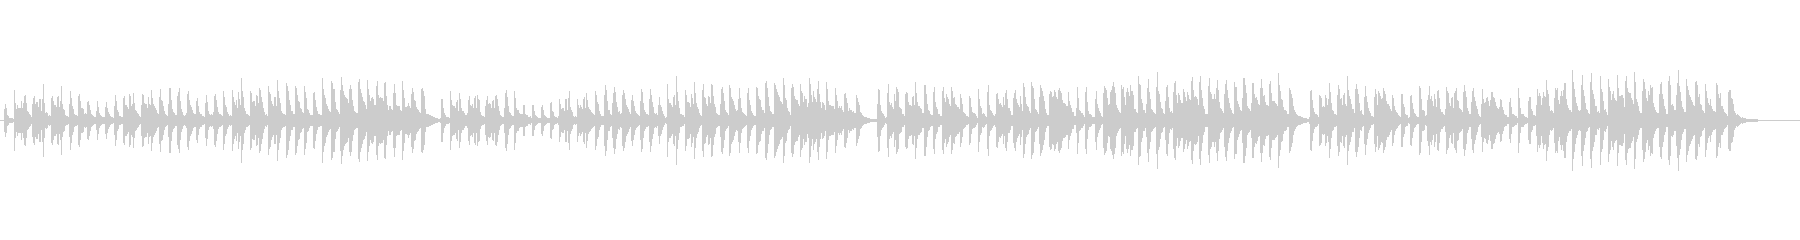 ピアノソロ、チェルニー No.59の未再生の波形